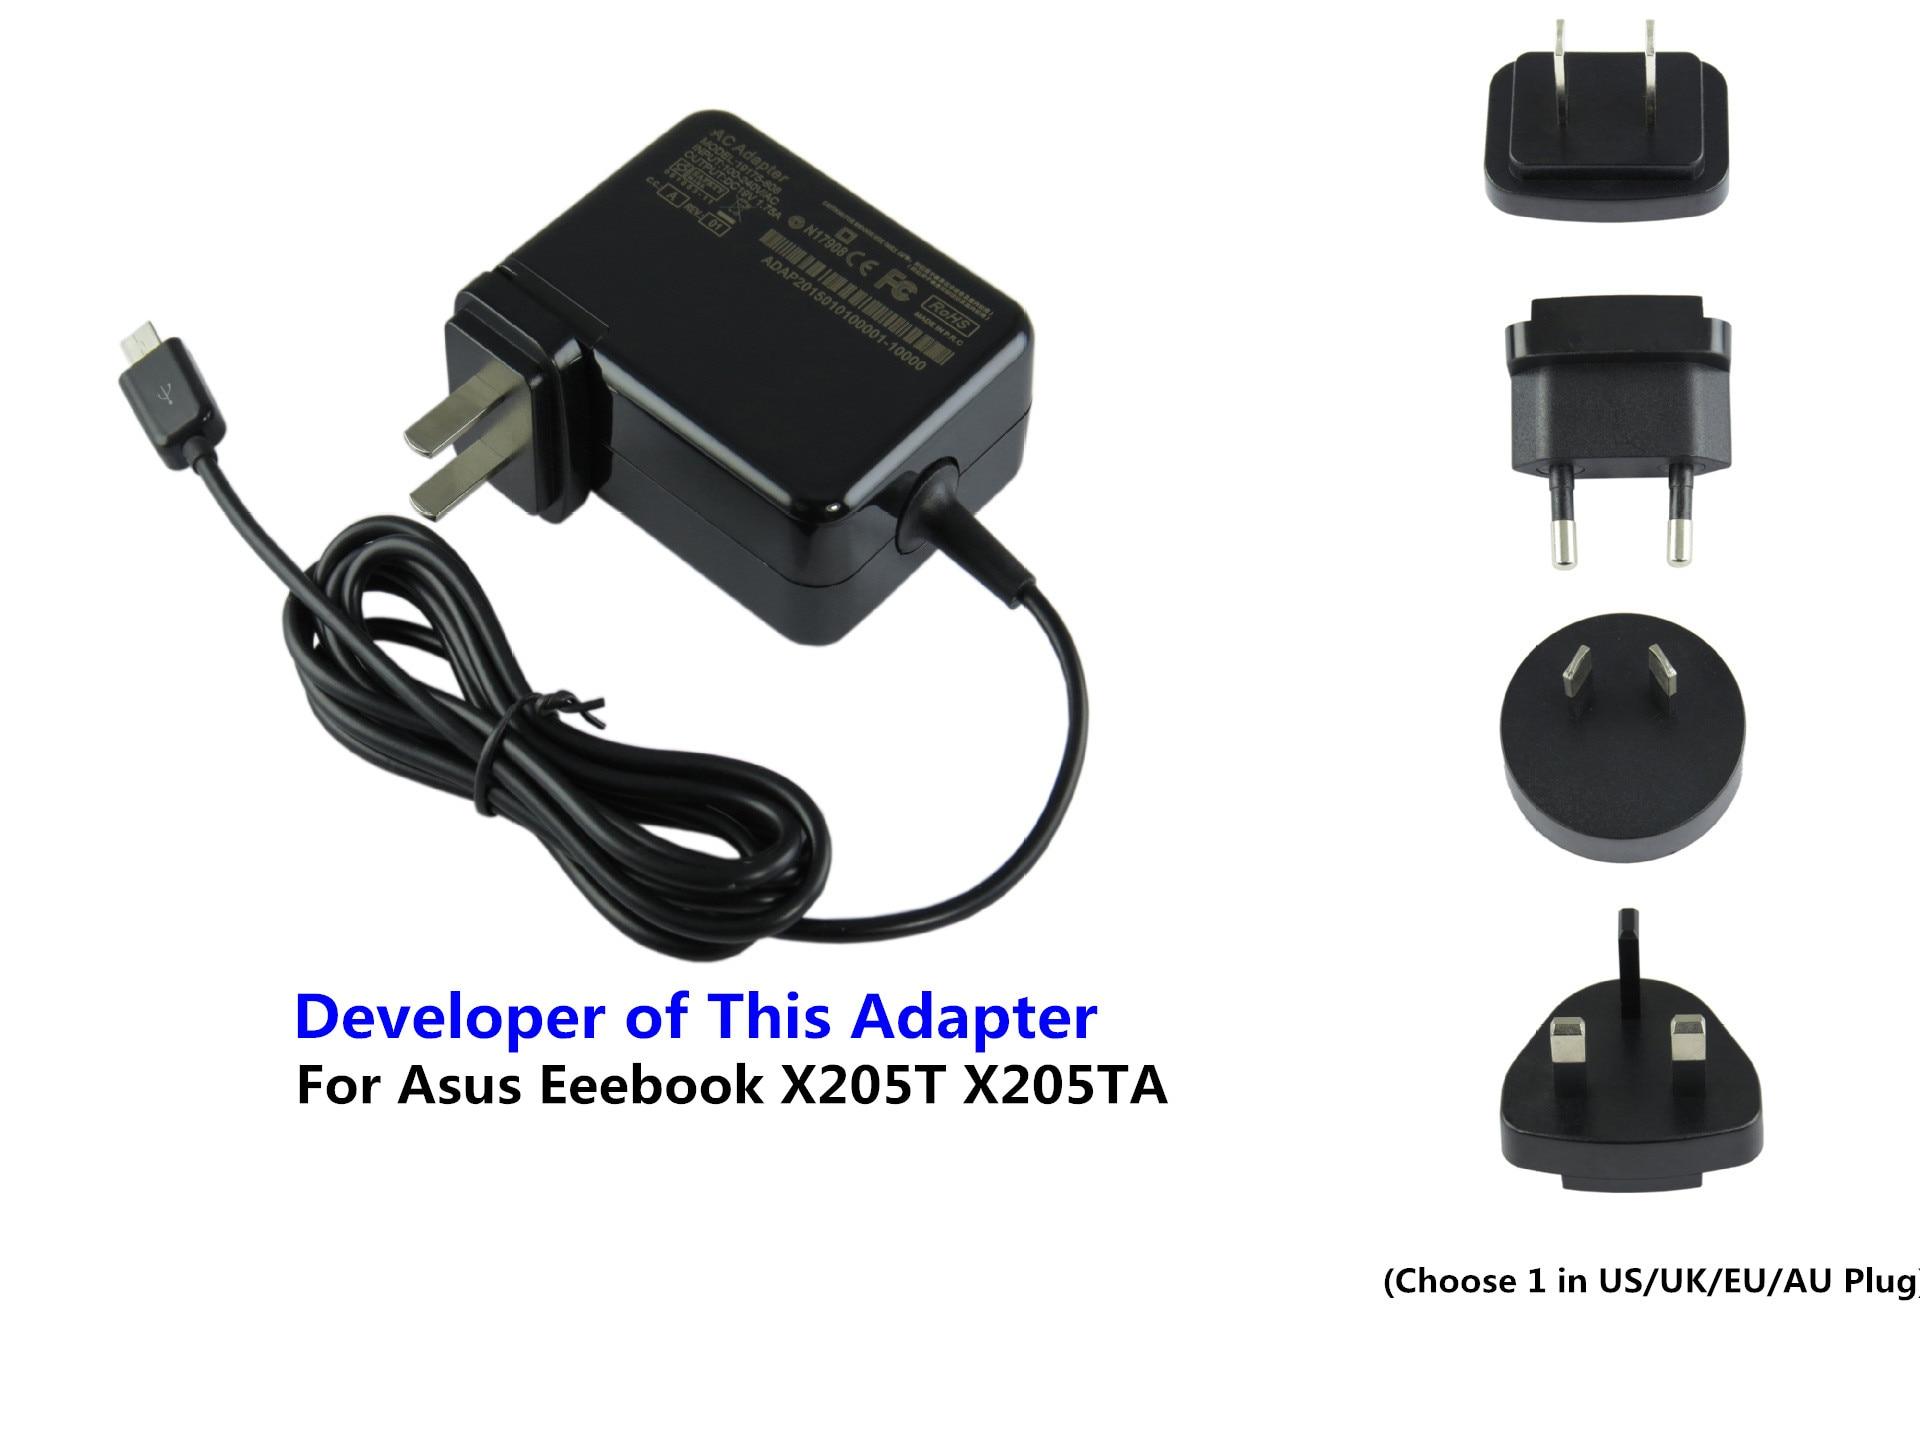 Chargeur d'adaptateur d'alimentation pour ordinateur portable AC Direct usine 33 W pour Asus Eeebook X205T X205TA 11.6 pouces ordinateur portable neuf inventé 19 V 1.75A